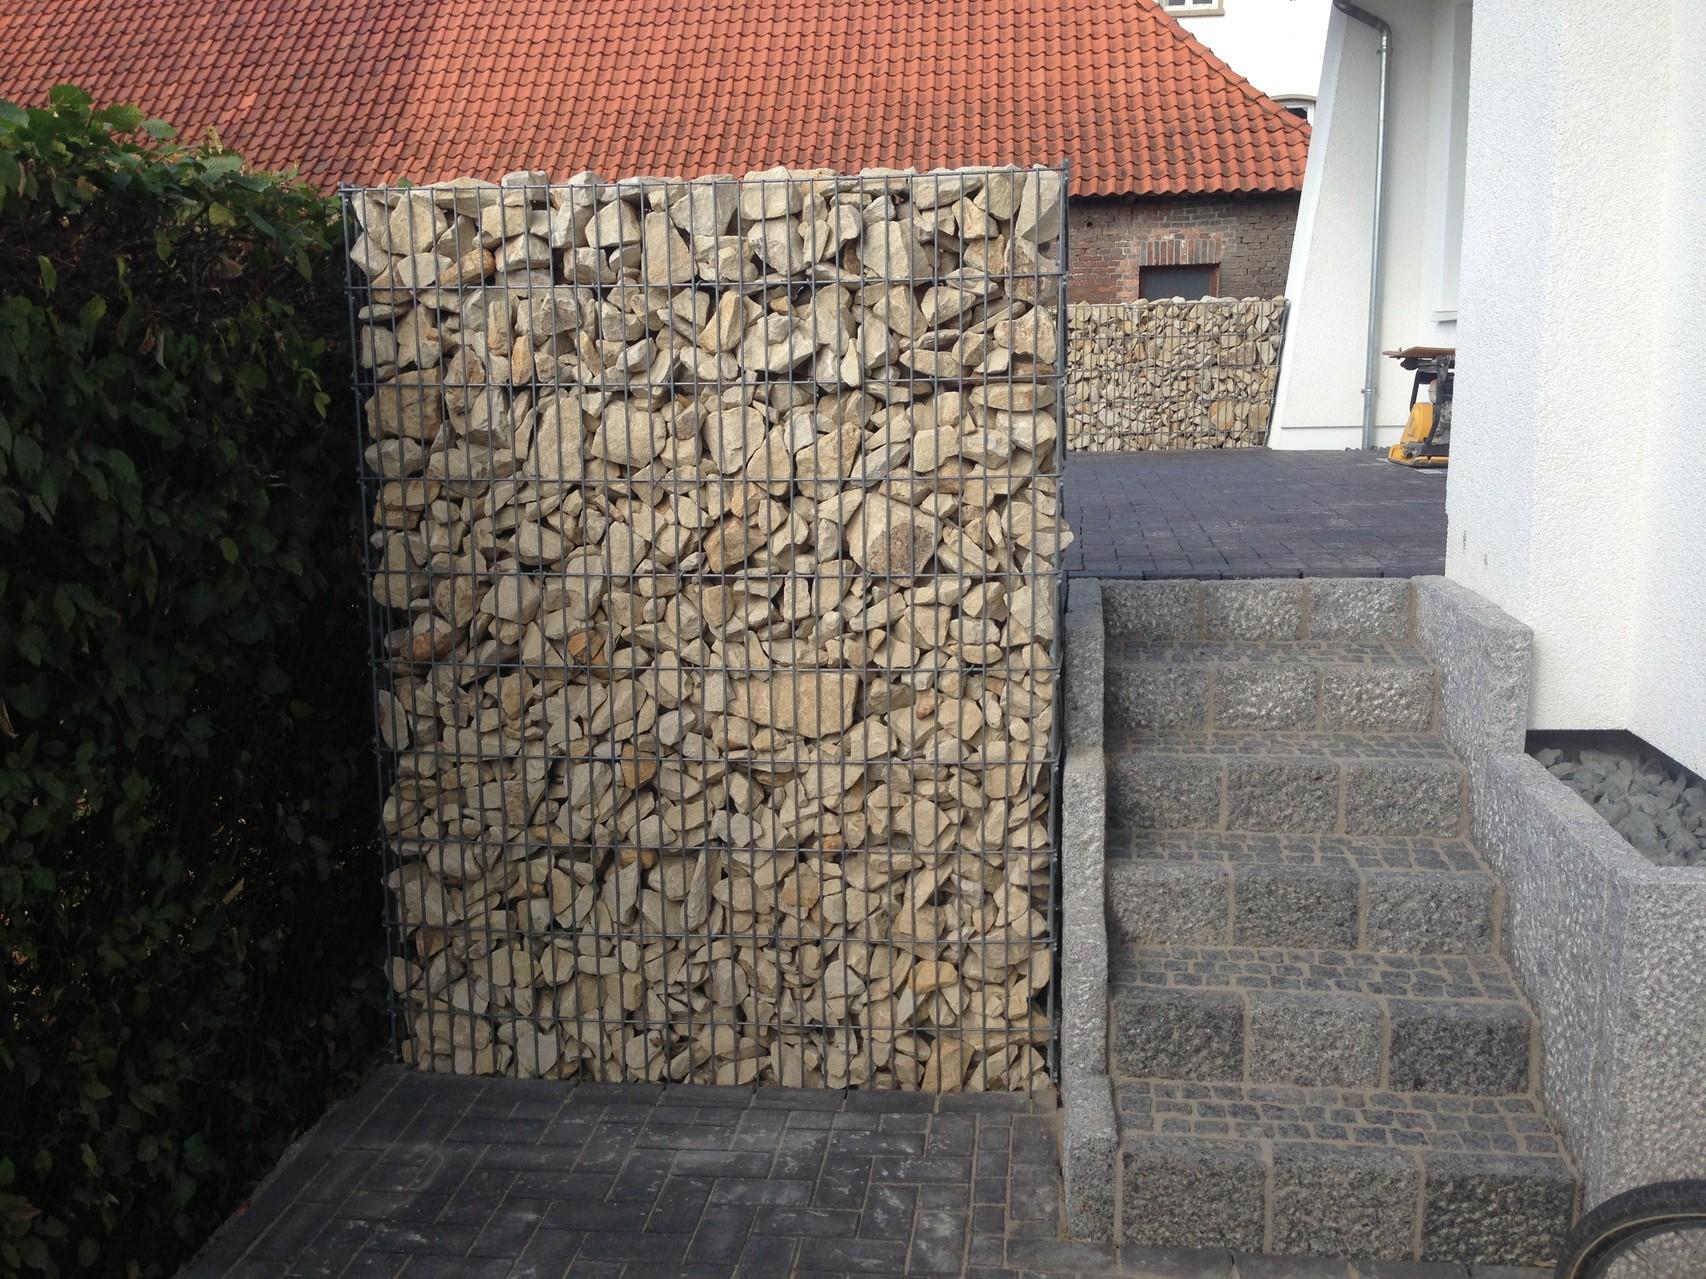 Garbione mit Sandsteinschotter / Neuanlage einer Natursteintreppe